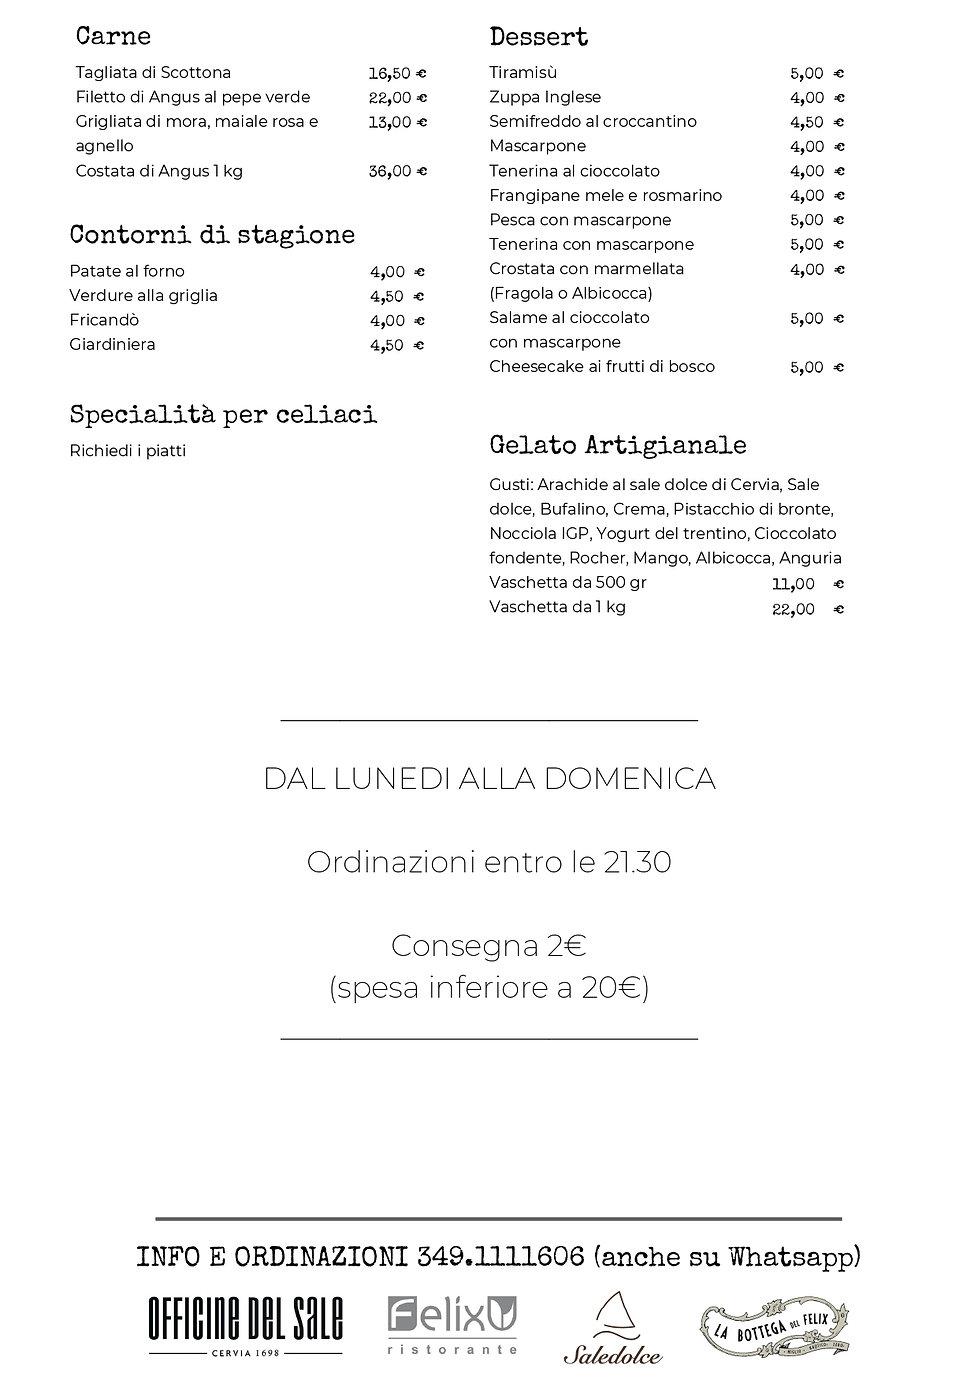 MENU GK giugno 2021_page-0003.jpg